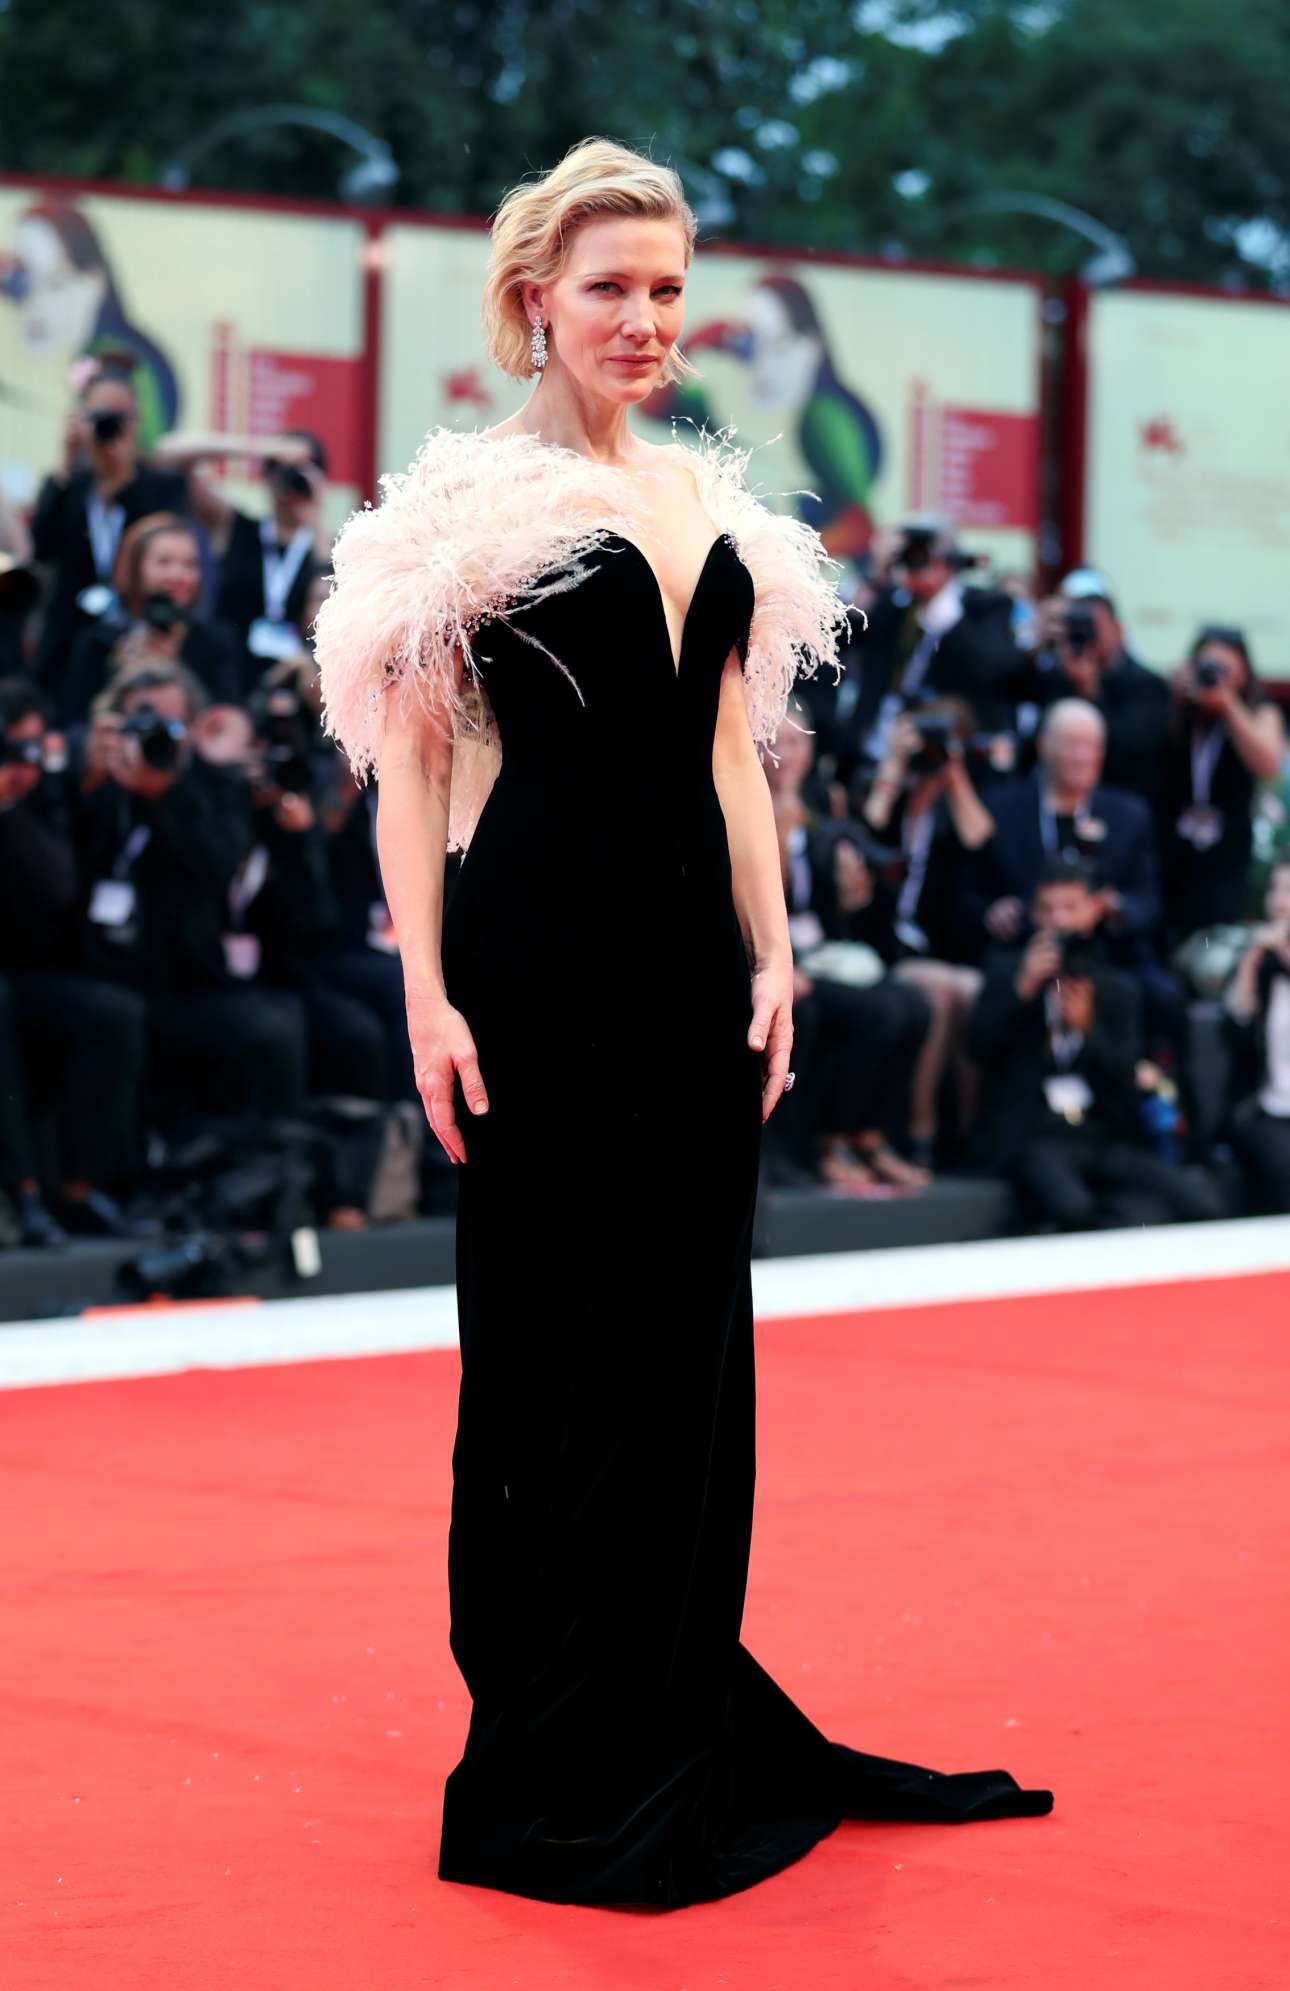 Σαν παλιά χολιγουντιανή σταρ, η Κέιτ Μπλάνσετ στο κόκκινο χαλί για την ταινία «Ενα αστέρι γεννιέται», φορώντας Armani Prive